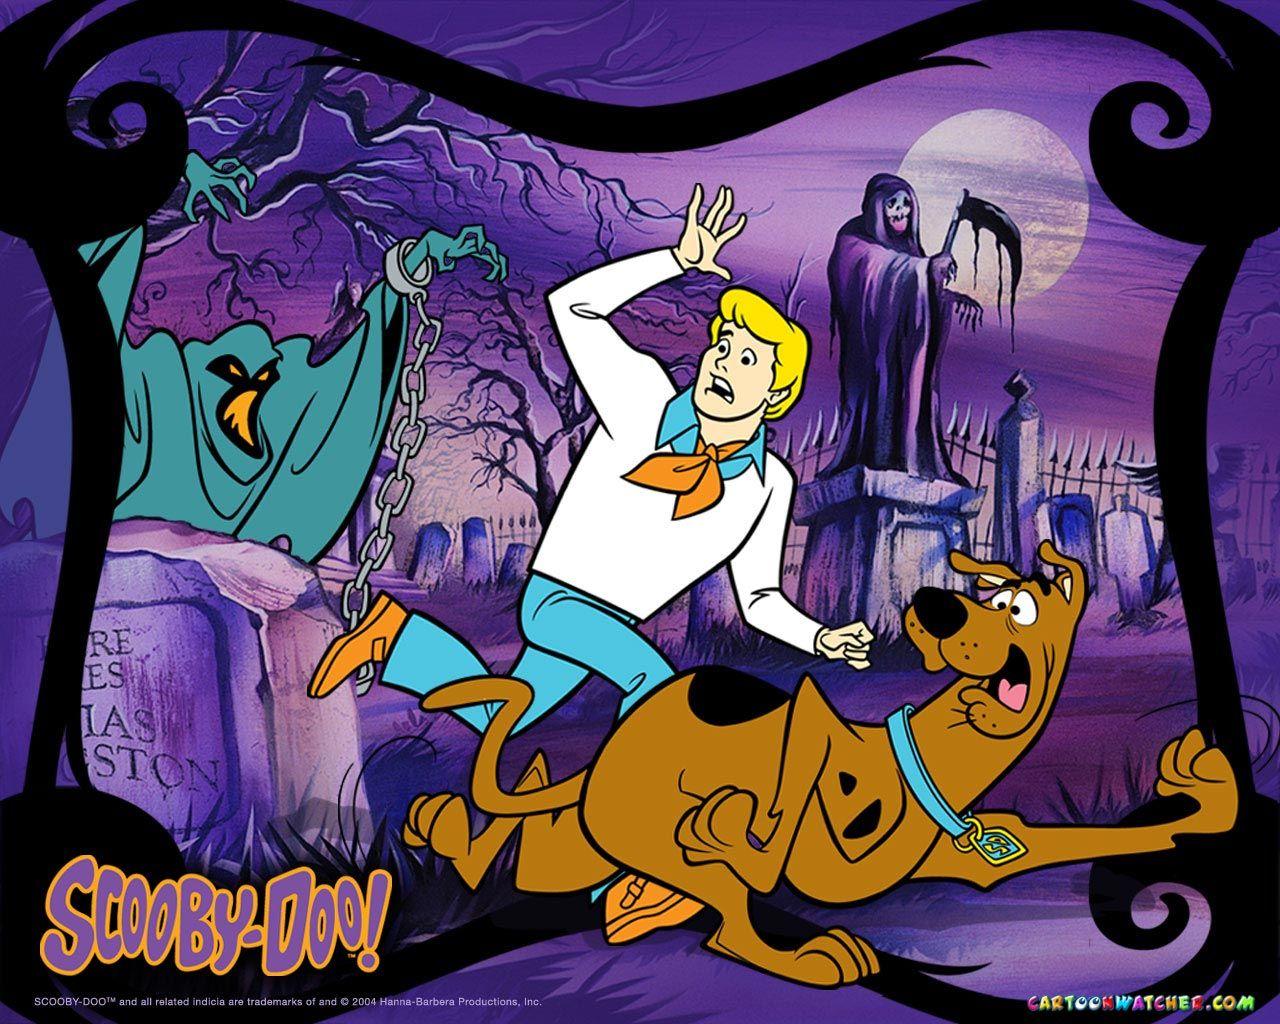 Best Wallpaper Halloween Scooby Doo - 4e18f7c52475c9d80228678e97fd7a8e  Pic_8310098.jpg